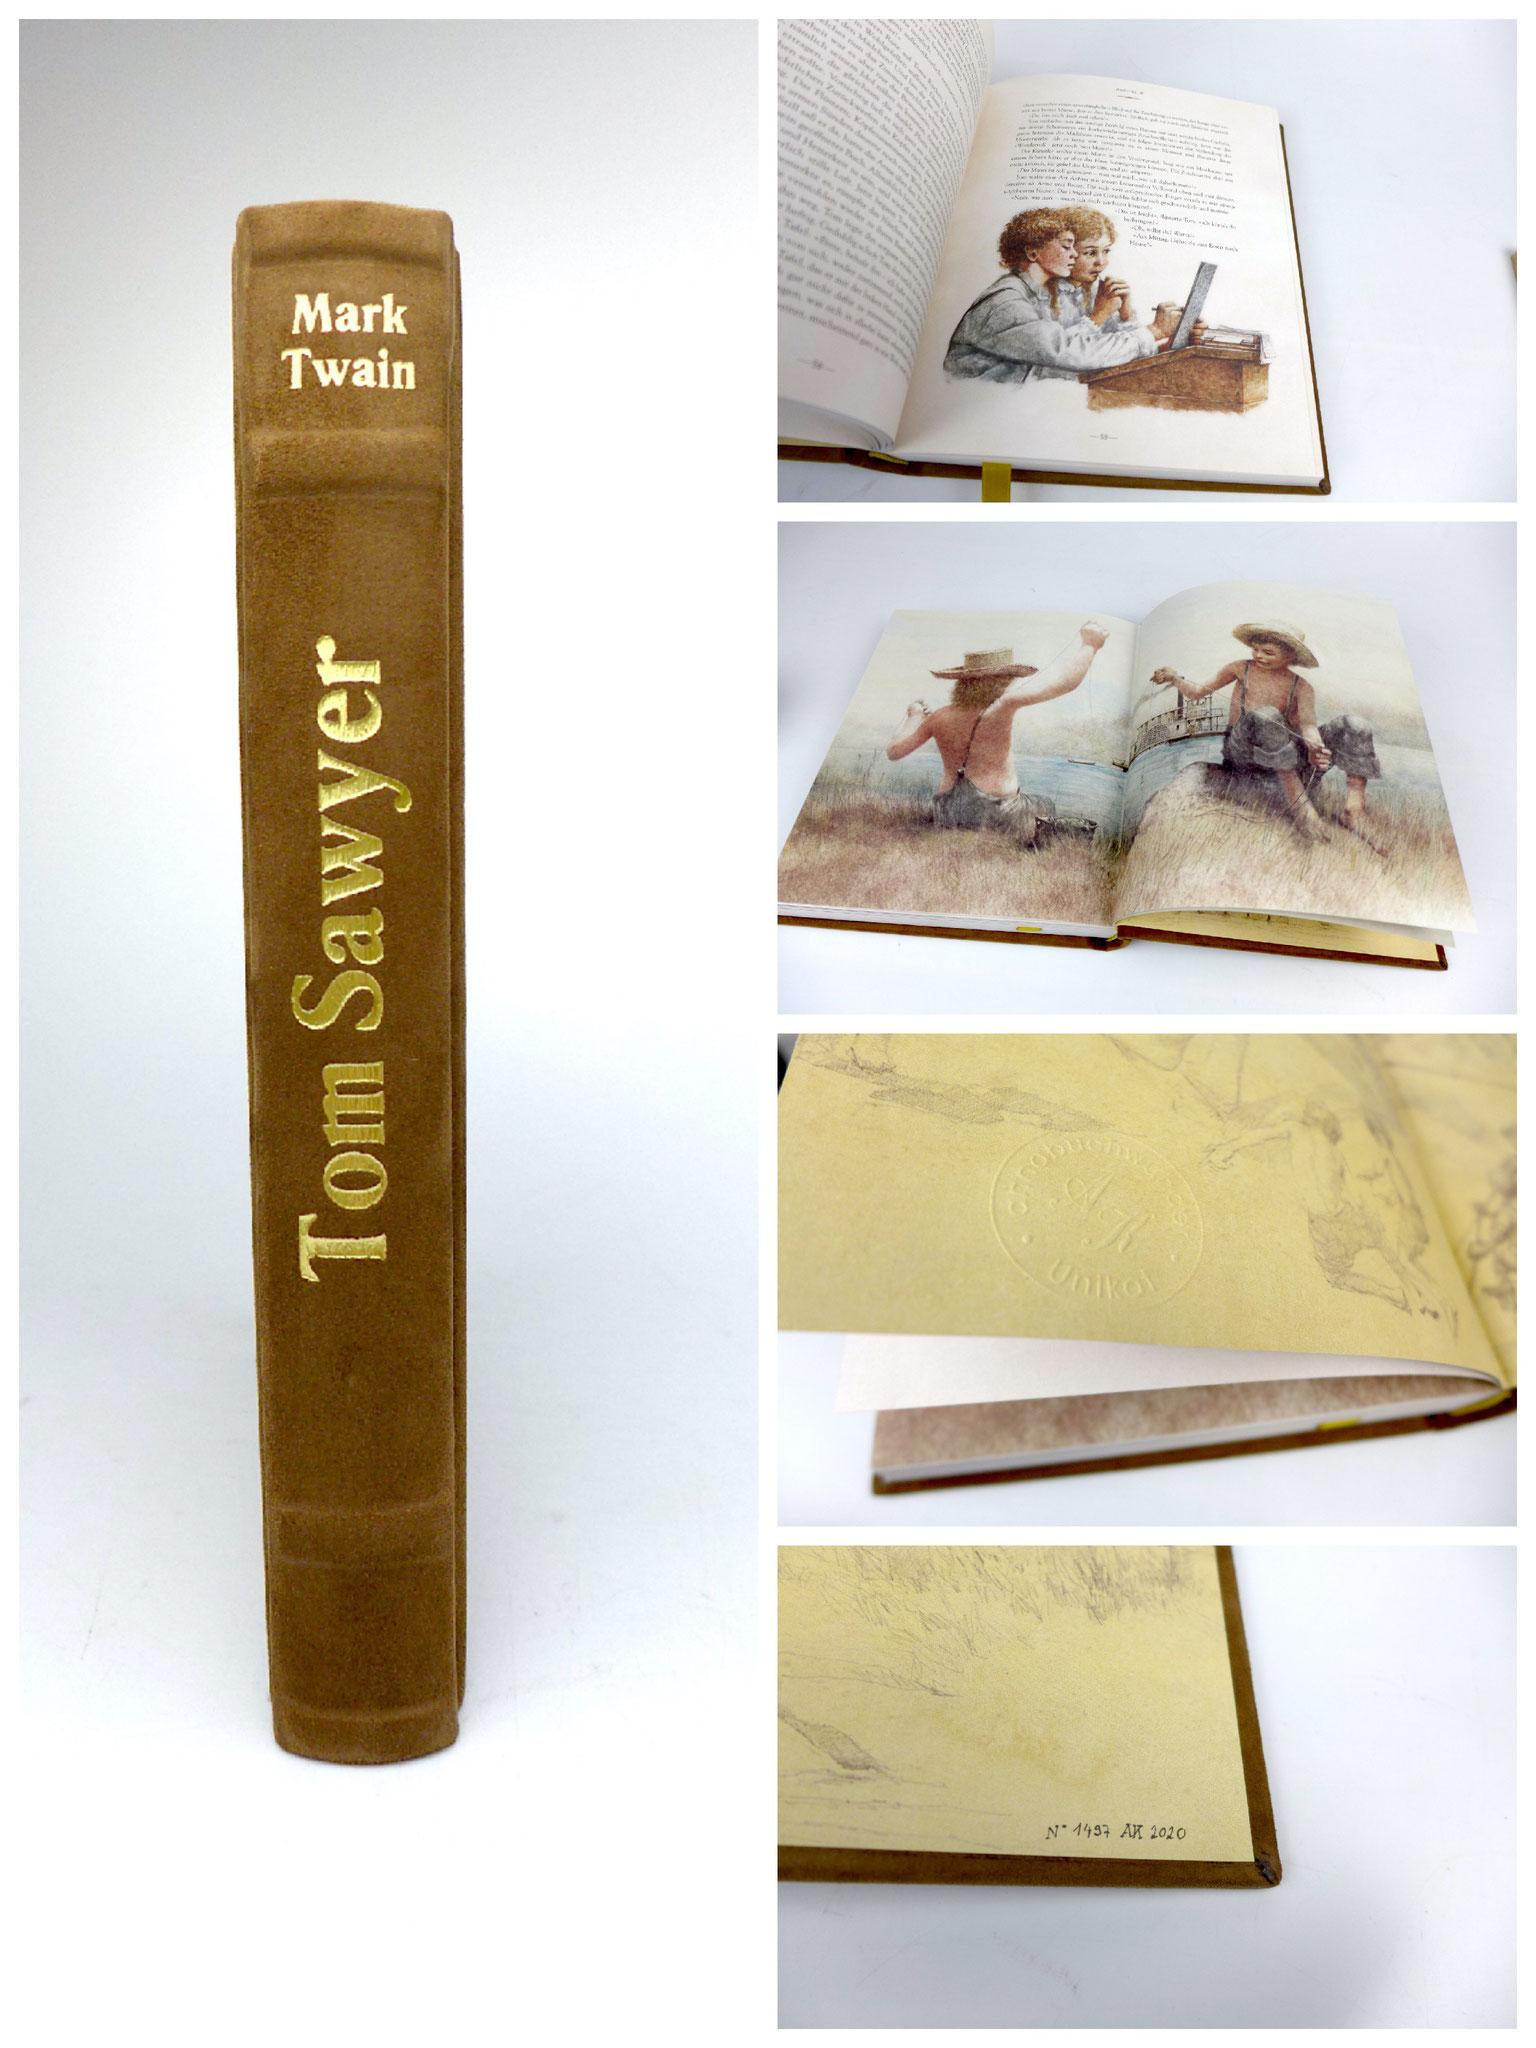 Tom Sawyer - Abenteuerbuch von Mark Twain in Leder gebunden